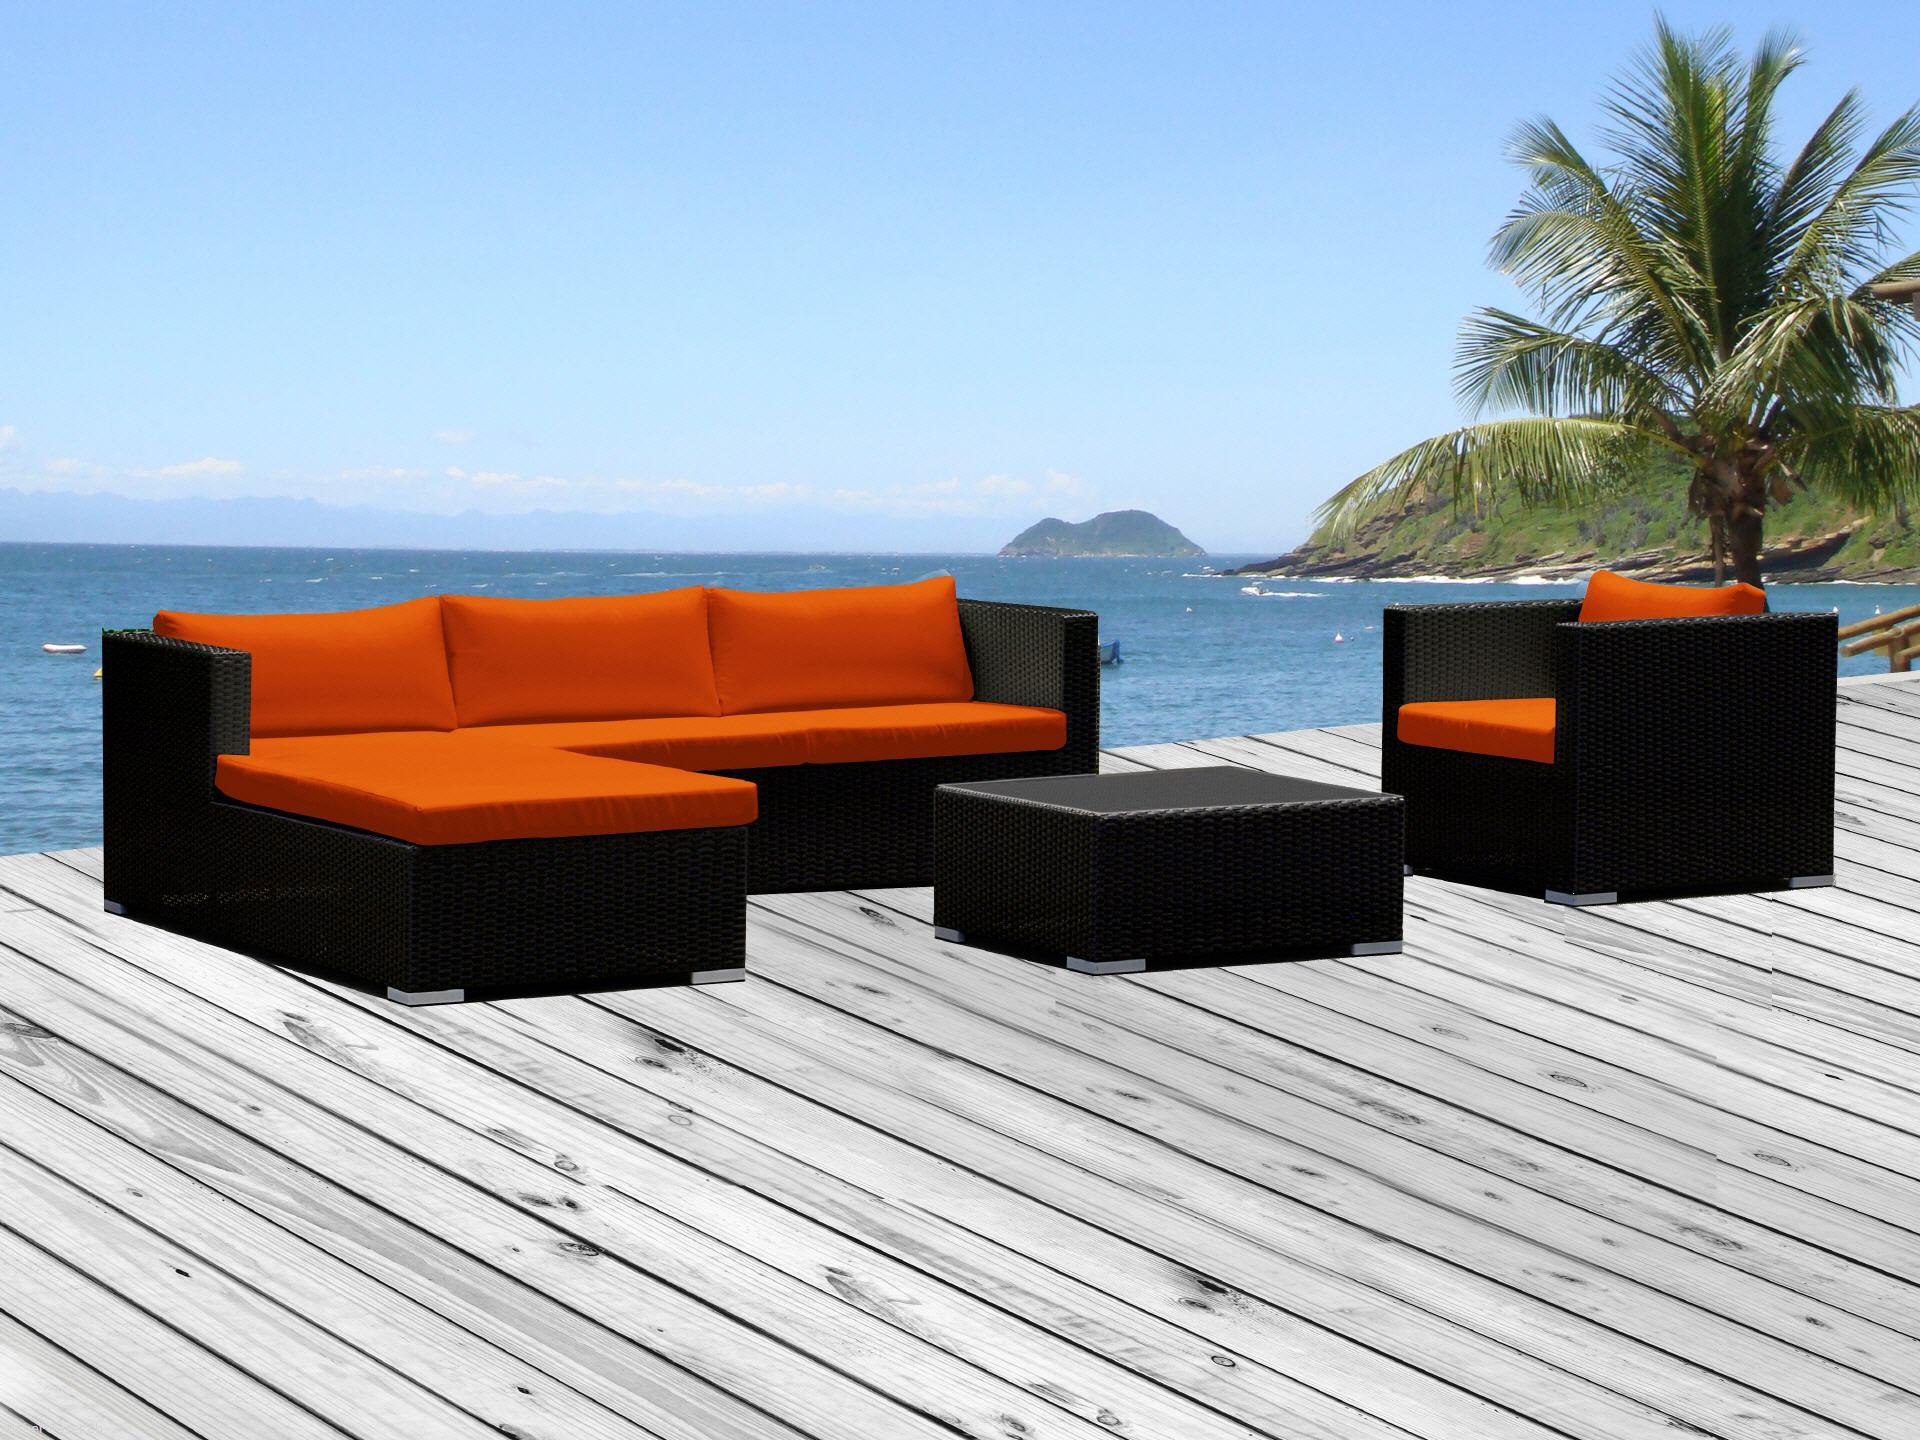 Elegant Rattanmöbel Wohnzimmer Ideen Von Rattan Lounge Rattanmöbel Mit Orangen Sitzkissen